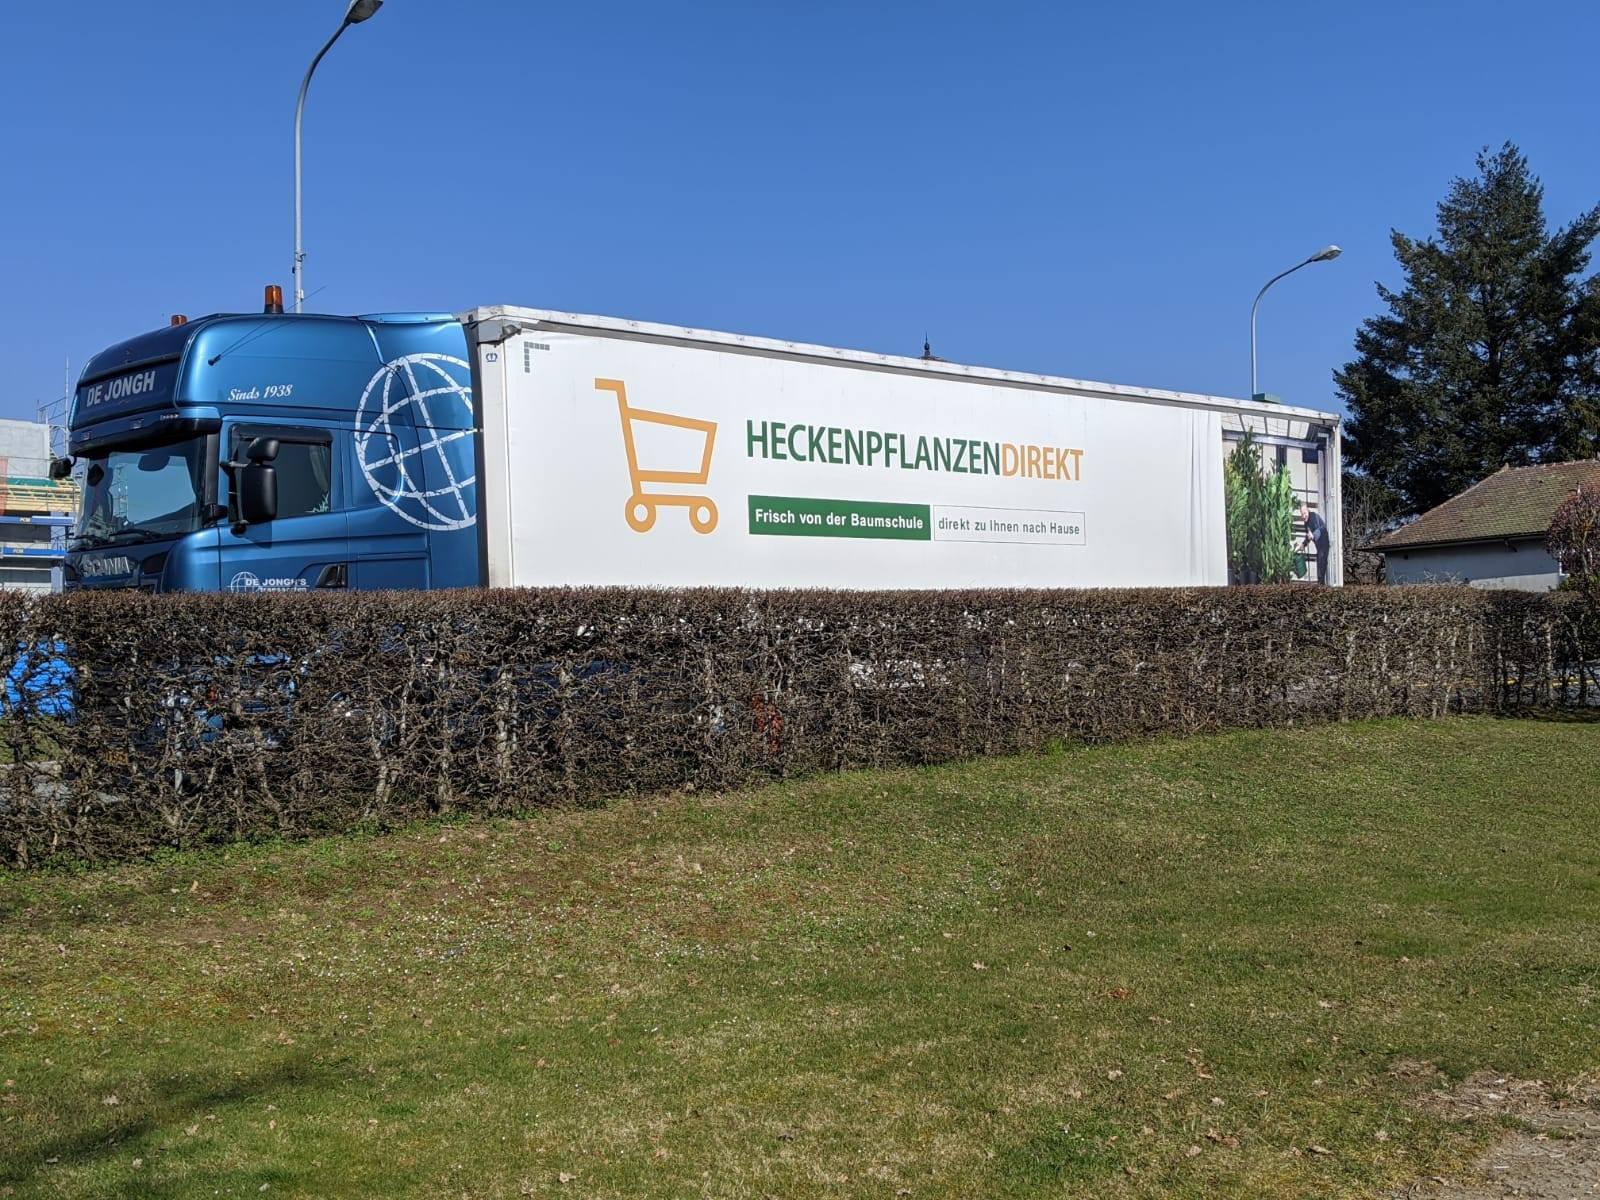 Remon-Gerritsen-Hendrik-Jan-de-tuinman-op-weg-naar-tevreden-klant-27-3-2020--9